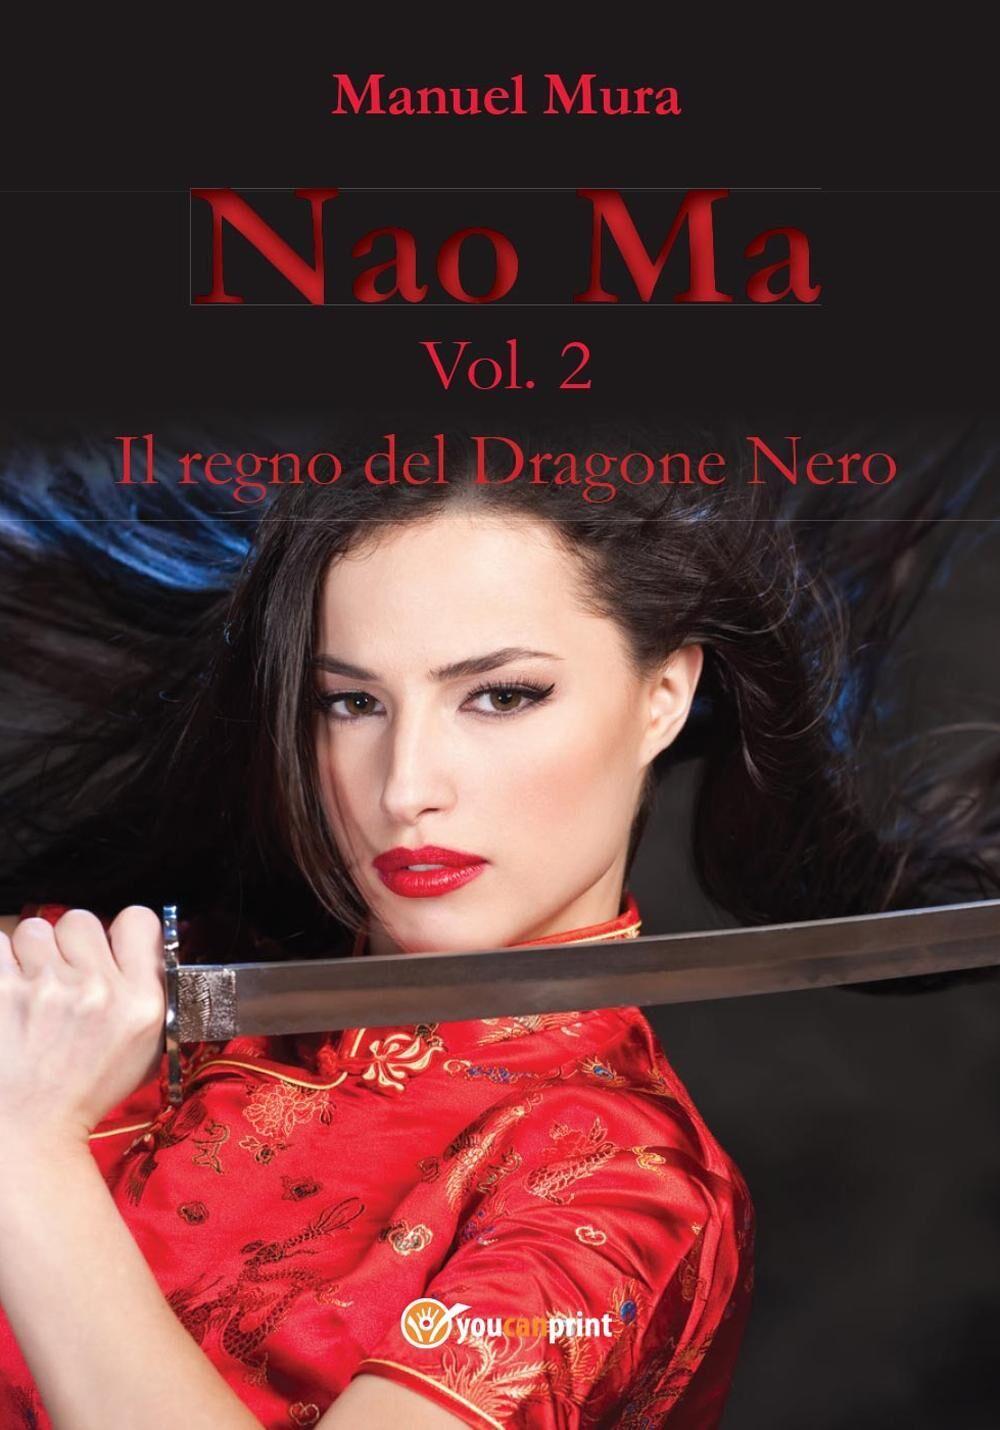 Il regno del dragone nero. Nao Ma. Vol. 2